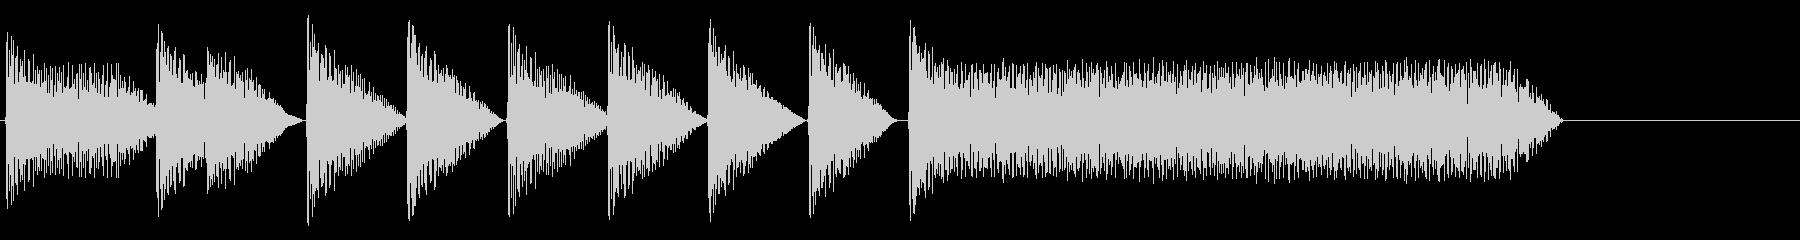 8bitジングル#8スタート&クリアの未再生の波形